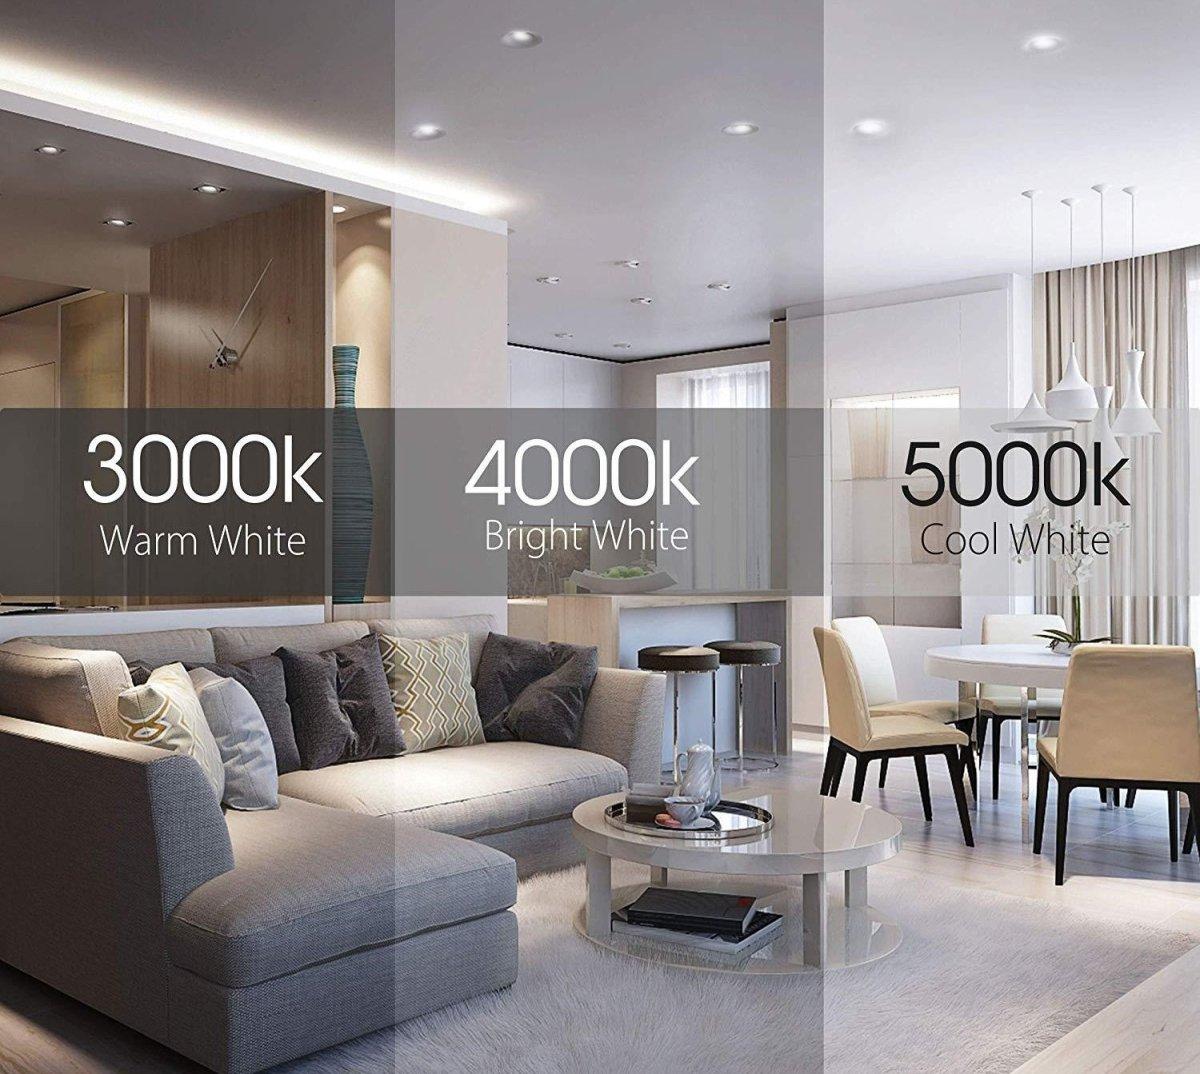 3000K-5000K